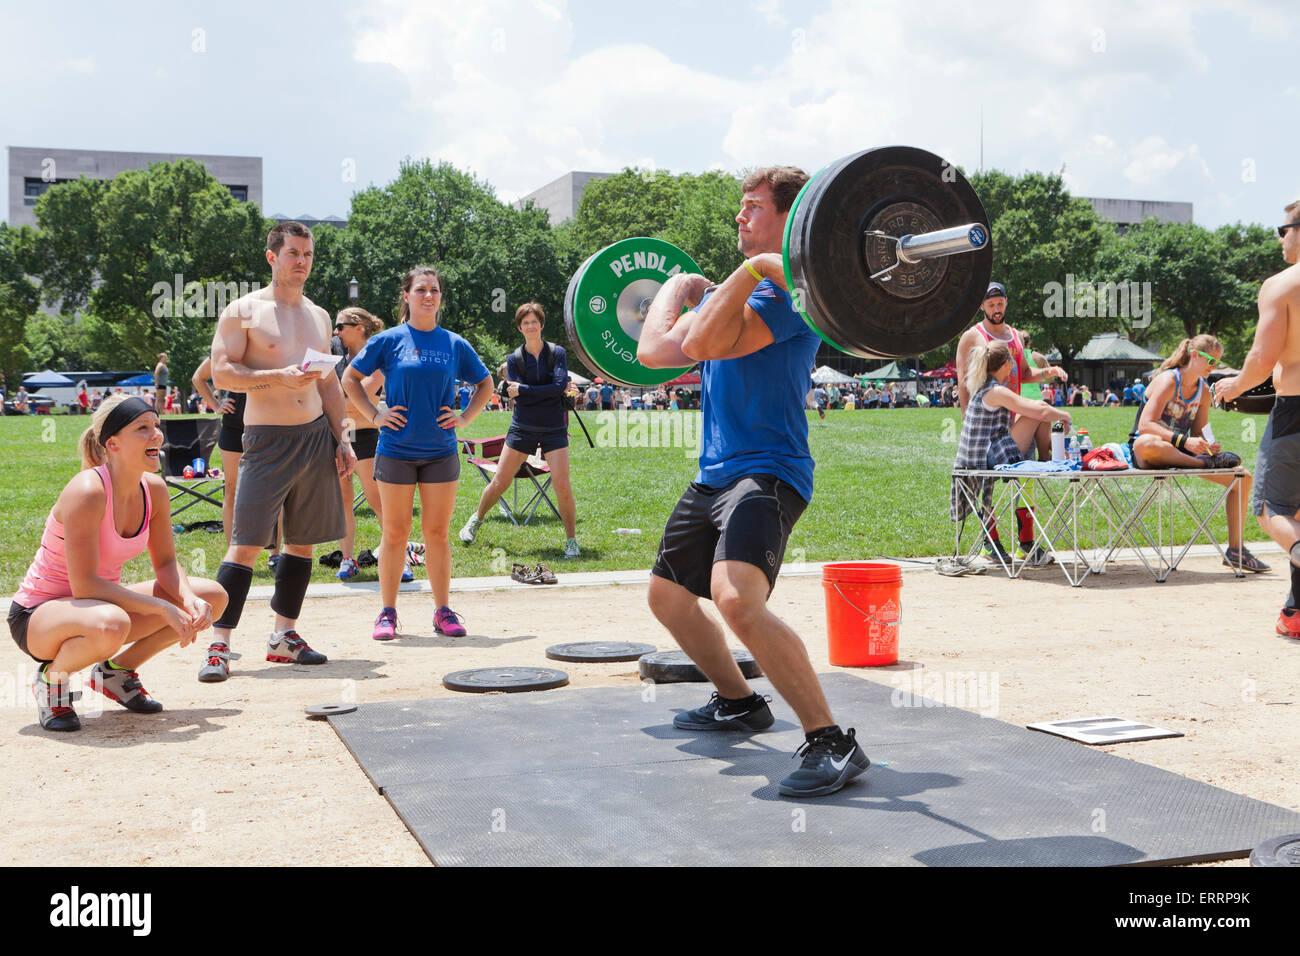 Uomo di eseguire il sollevamento pesi ad un outdoor programma fitness - USA Immagini Stock